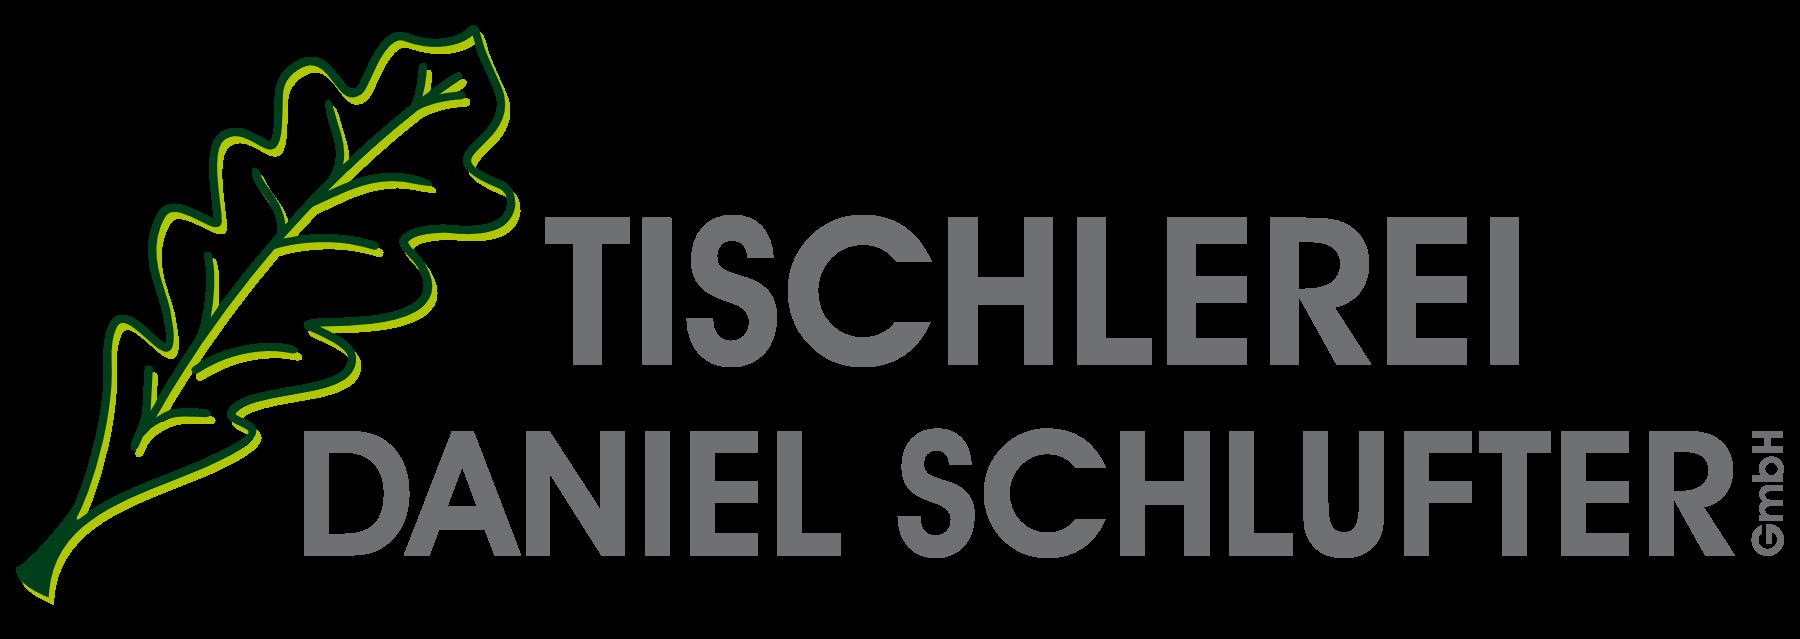 Tischlerei Daniel Schlufter GmbH